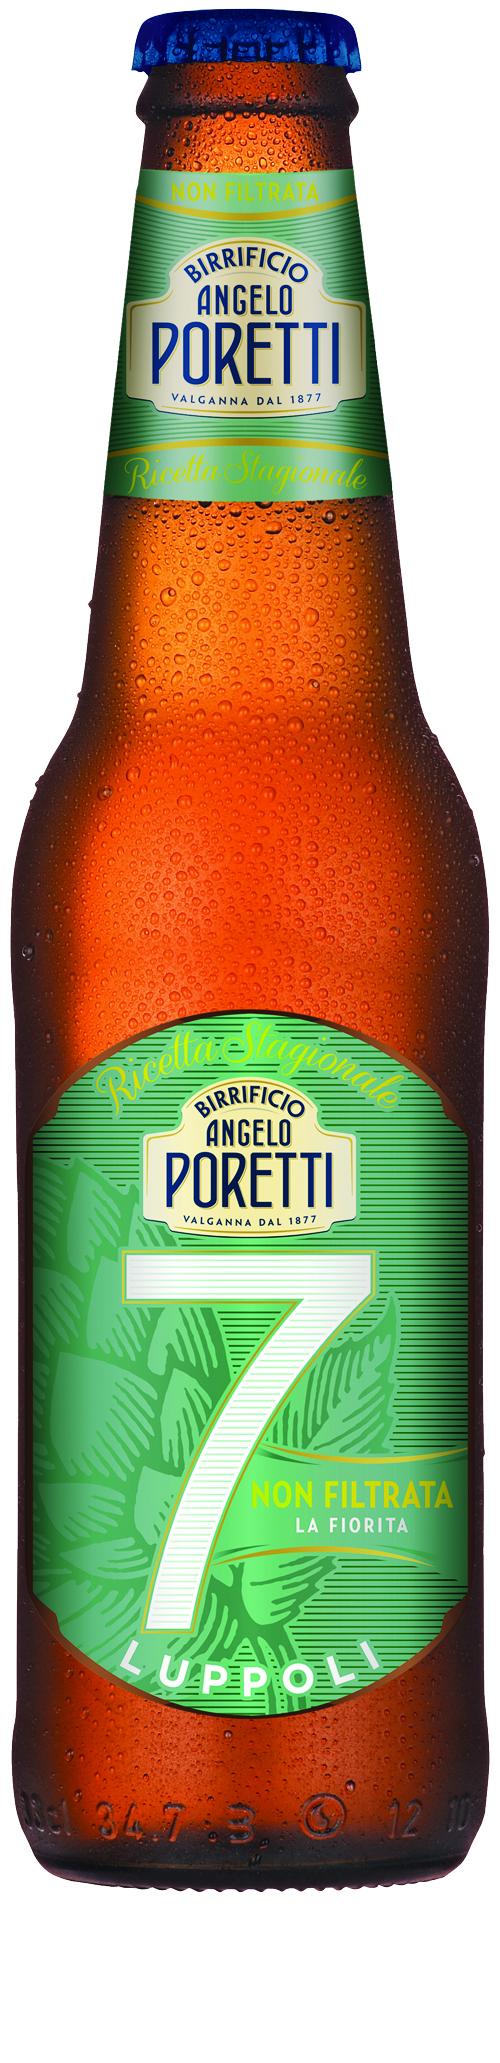 BAP_7LaFiorita_bottiglia